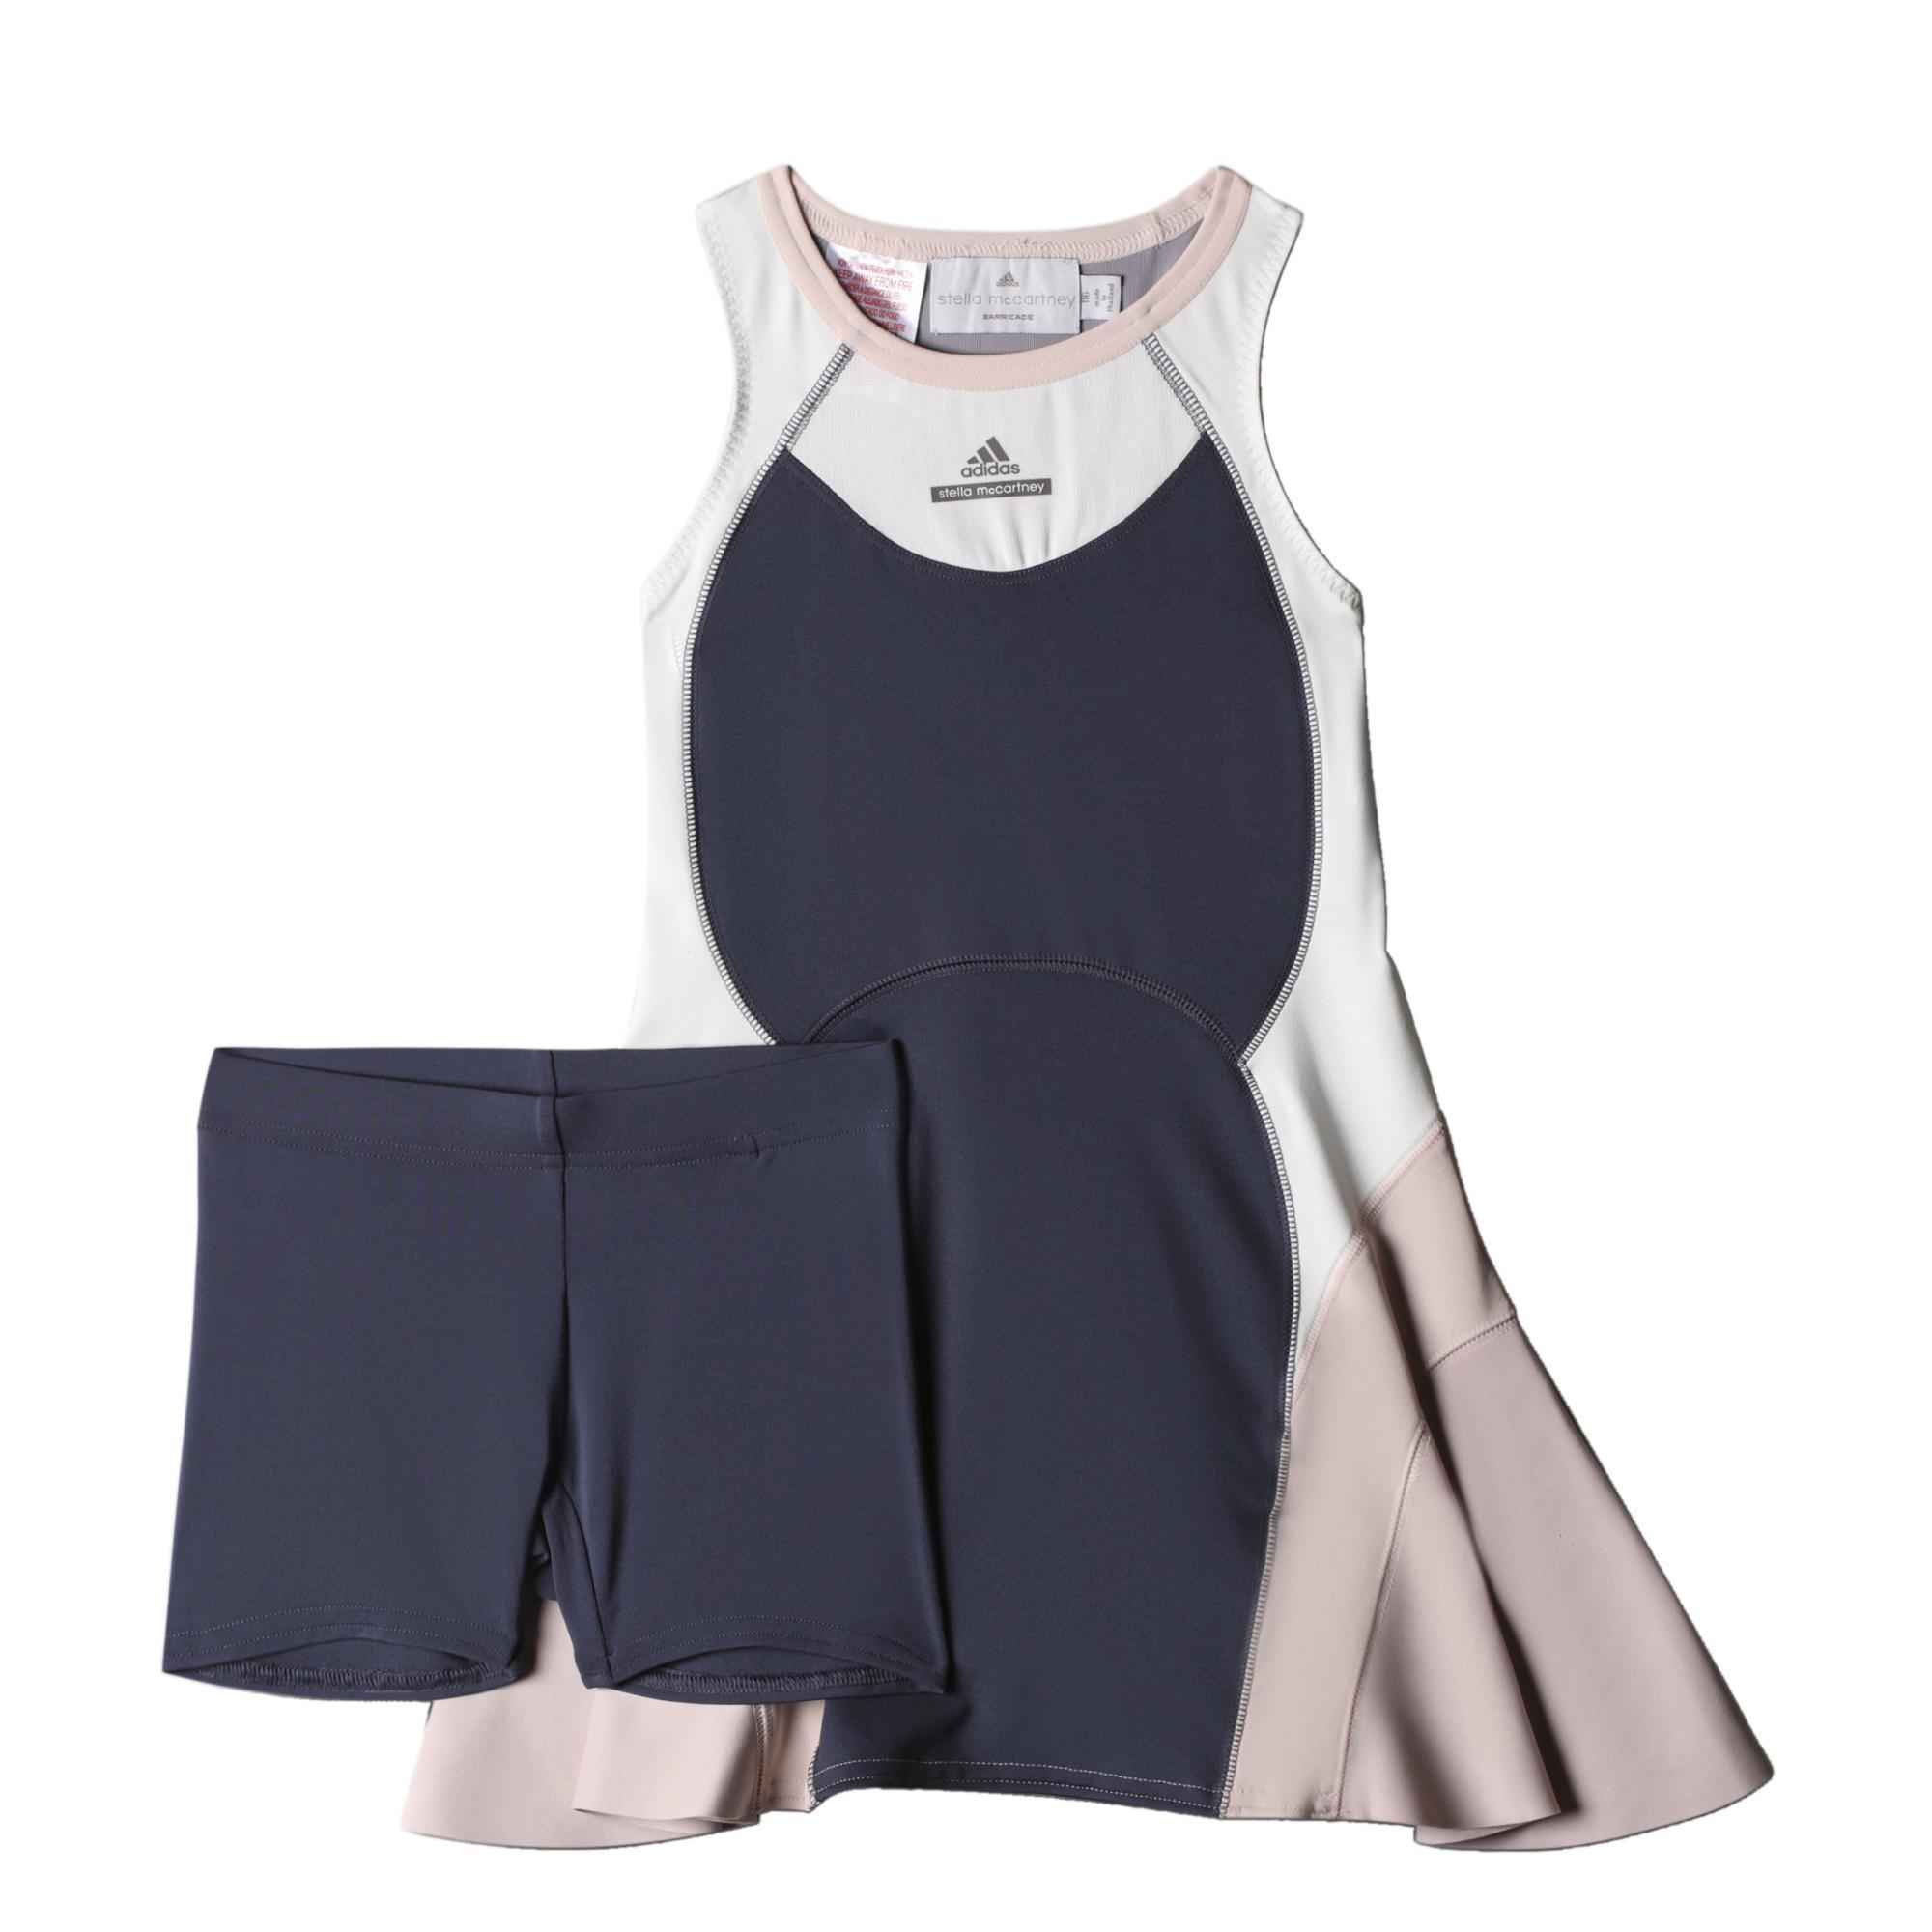 2b486093178 Adidas Girls Stella McCartney Barricade Dress - Midnight Grey -  Tennisnuts.com